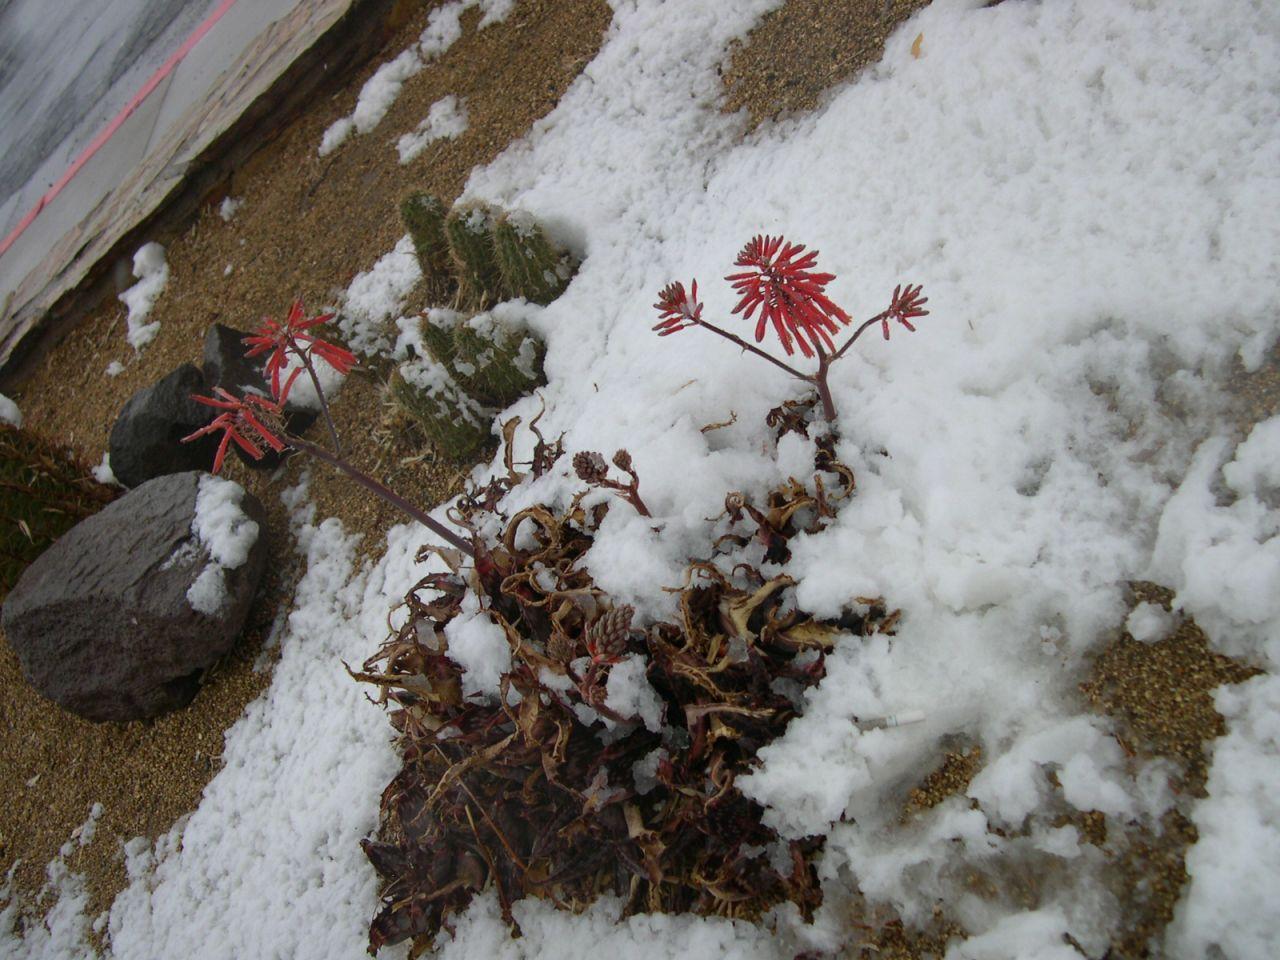 Cactus in the Snow.